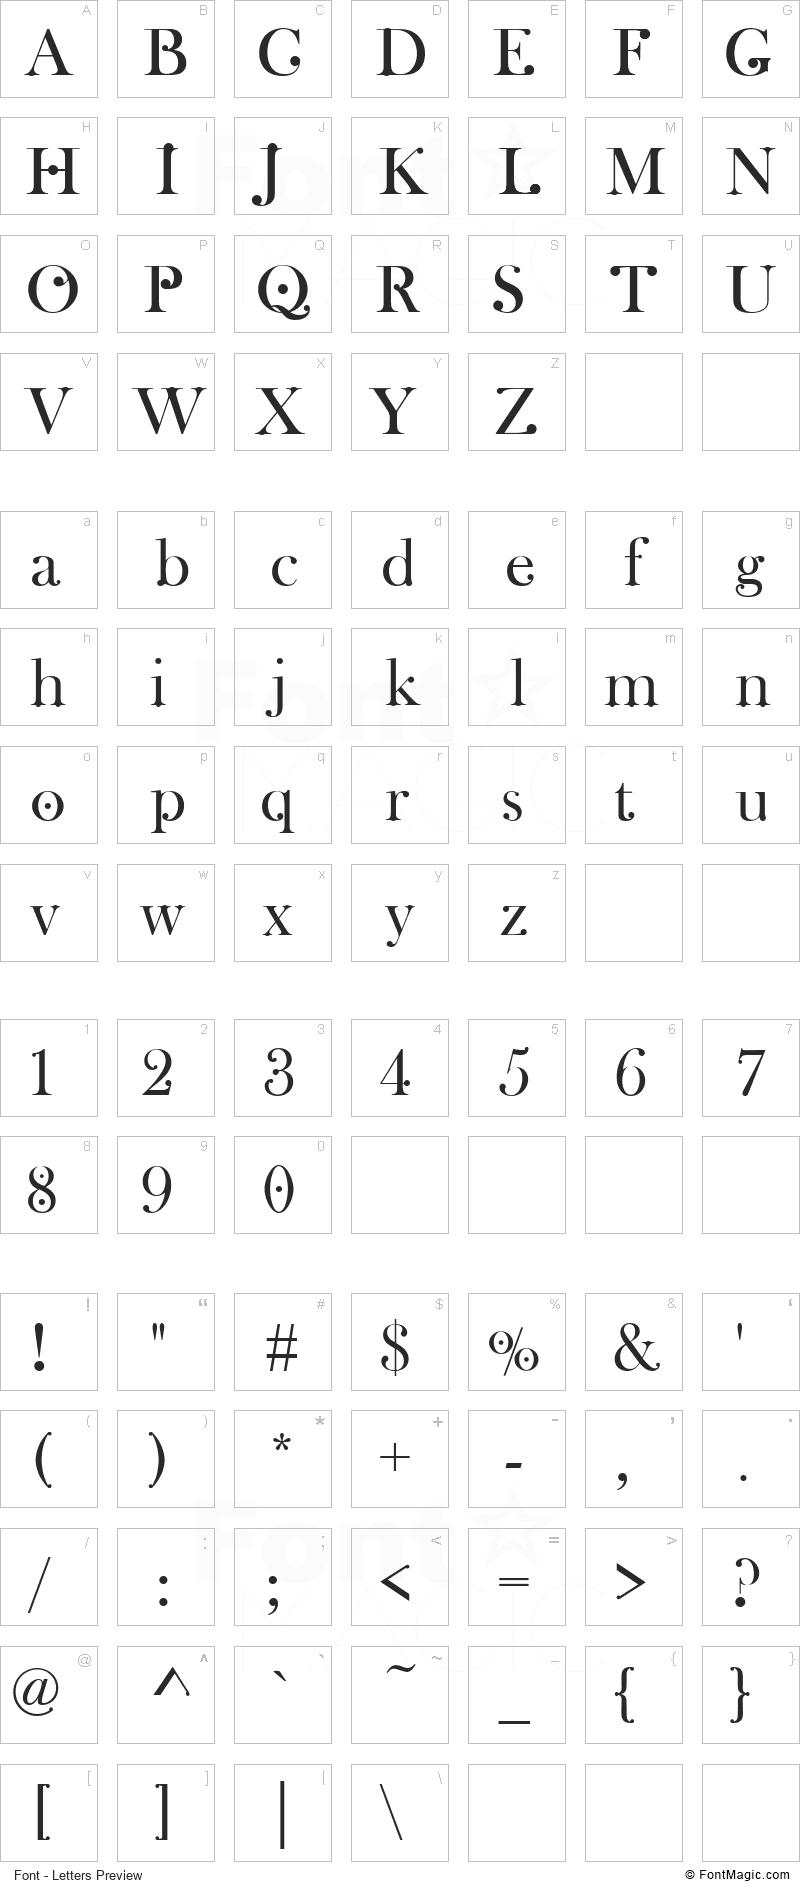 Wachinanga Font - All Latters Preview Chart